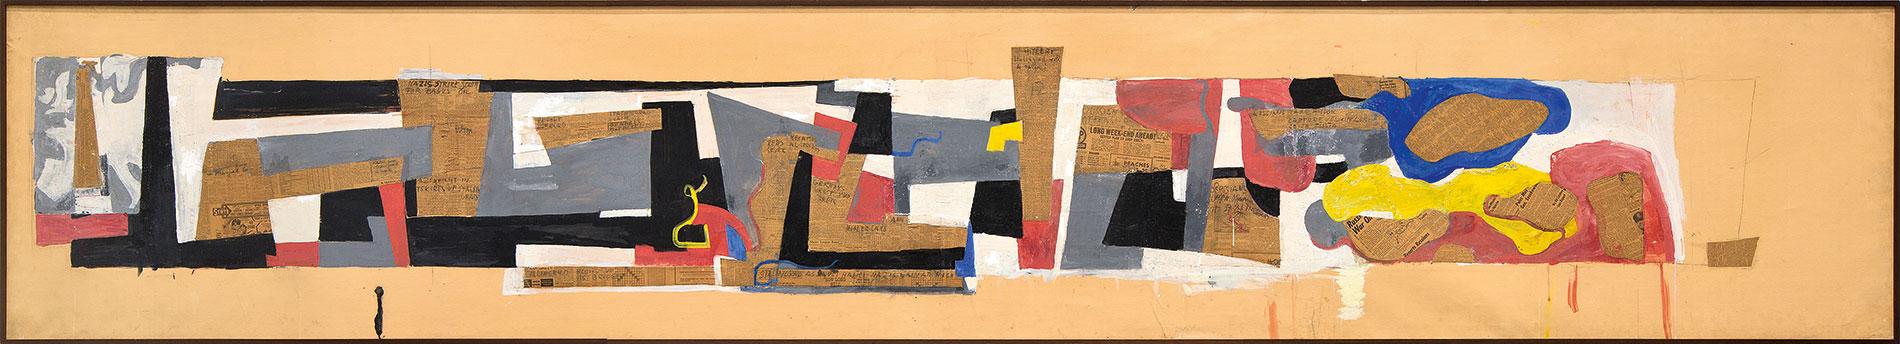 Hans Richter, Stalingrad (Sieg im Osten), 1943/46, 94×512 cm; ZKM | Zentrum für Kunst und Medientechnologie Karlsruhe